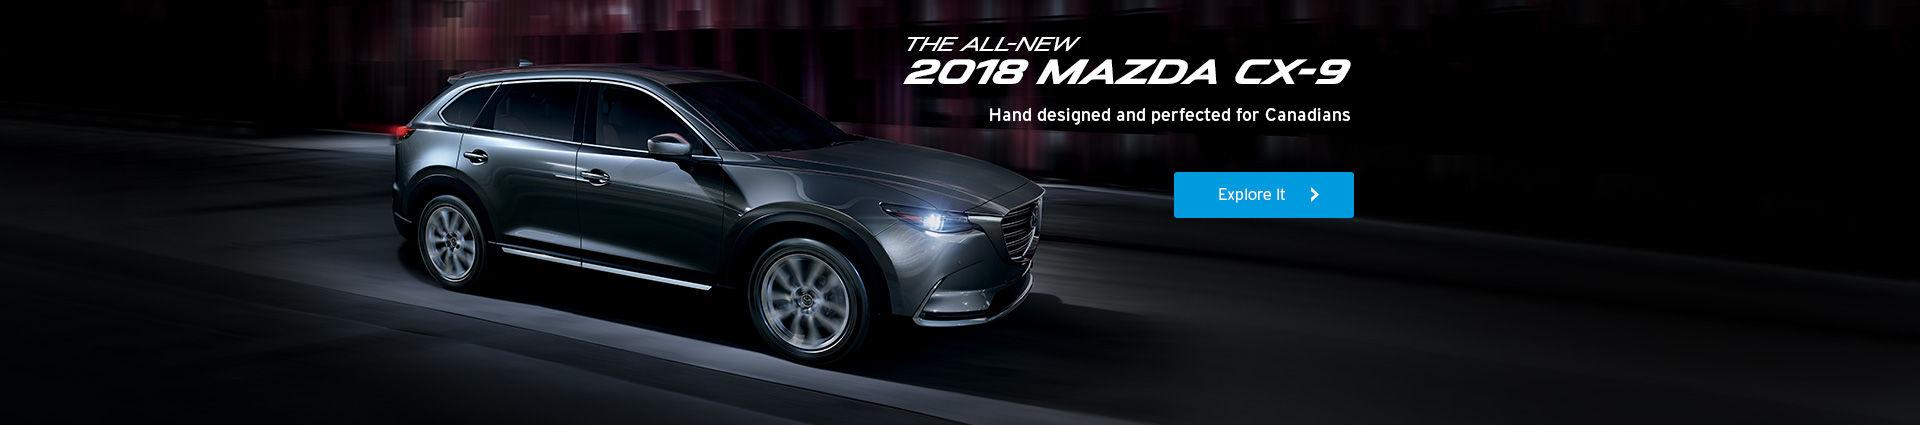 Mazda CX9 - EN